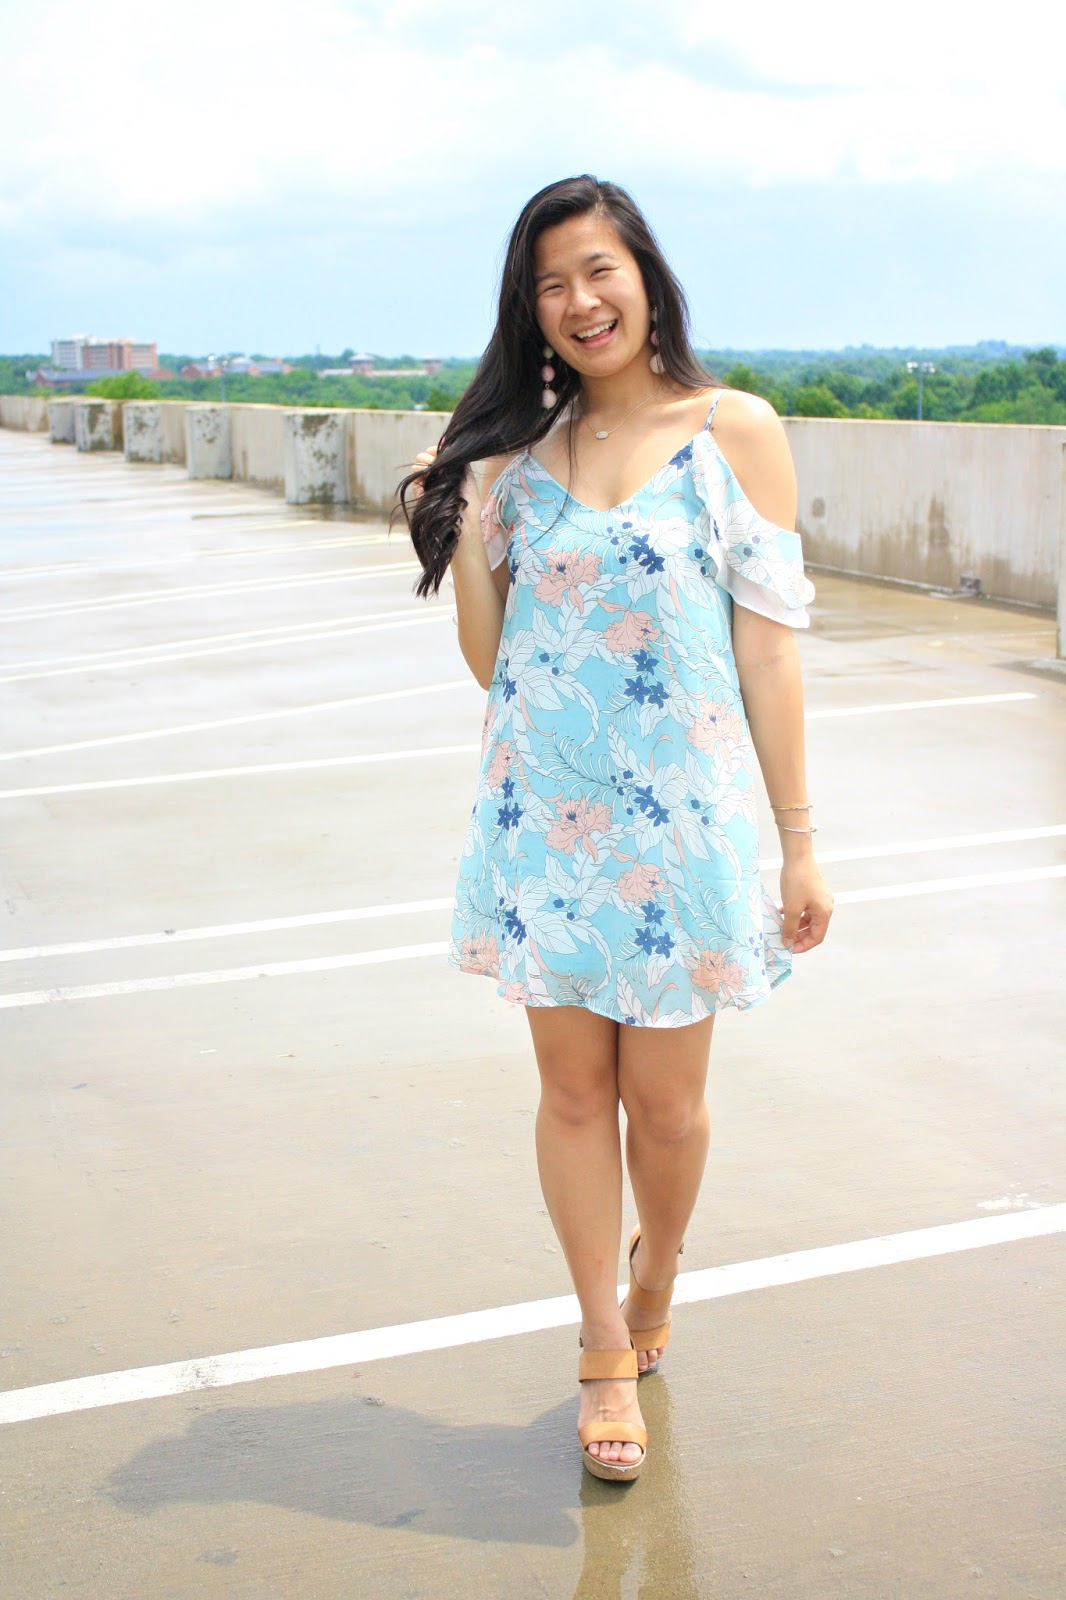 Spring pastel floral cold shoulder dress